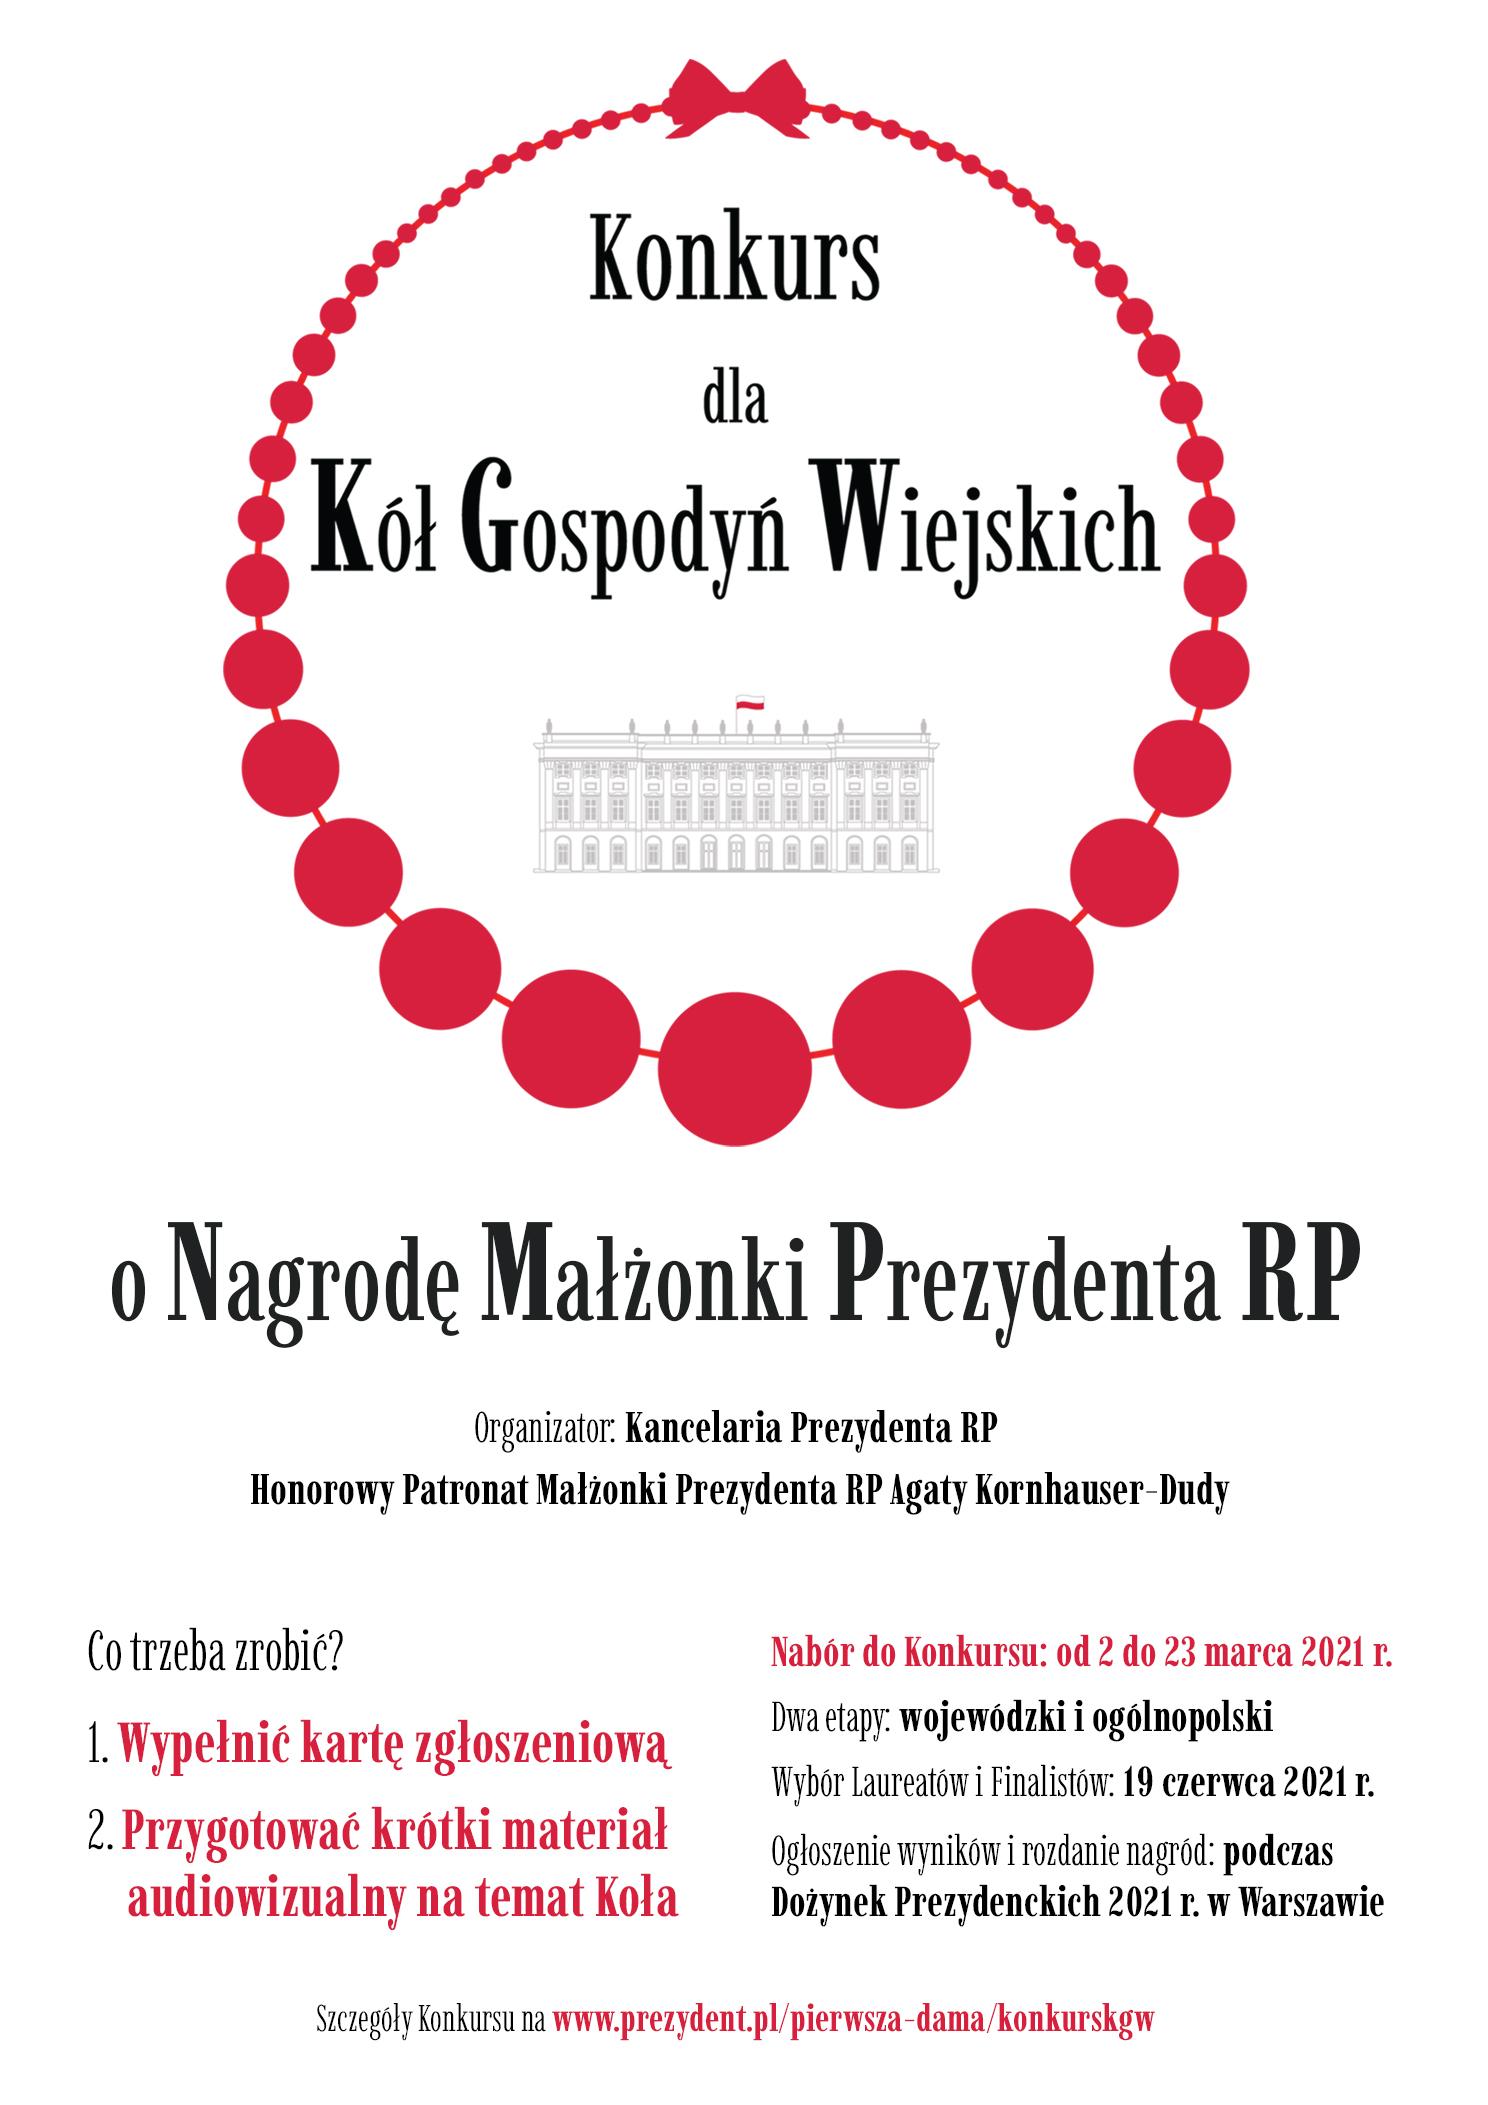 plakat informacyjny o konkursie dla kół gospodyń wiejskich